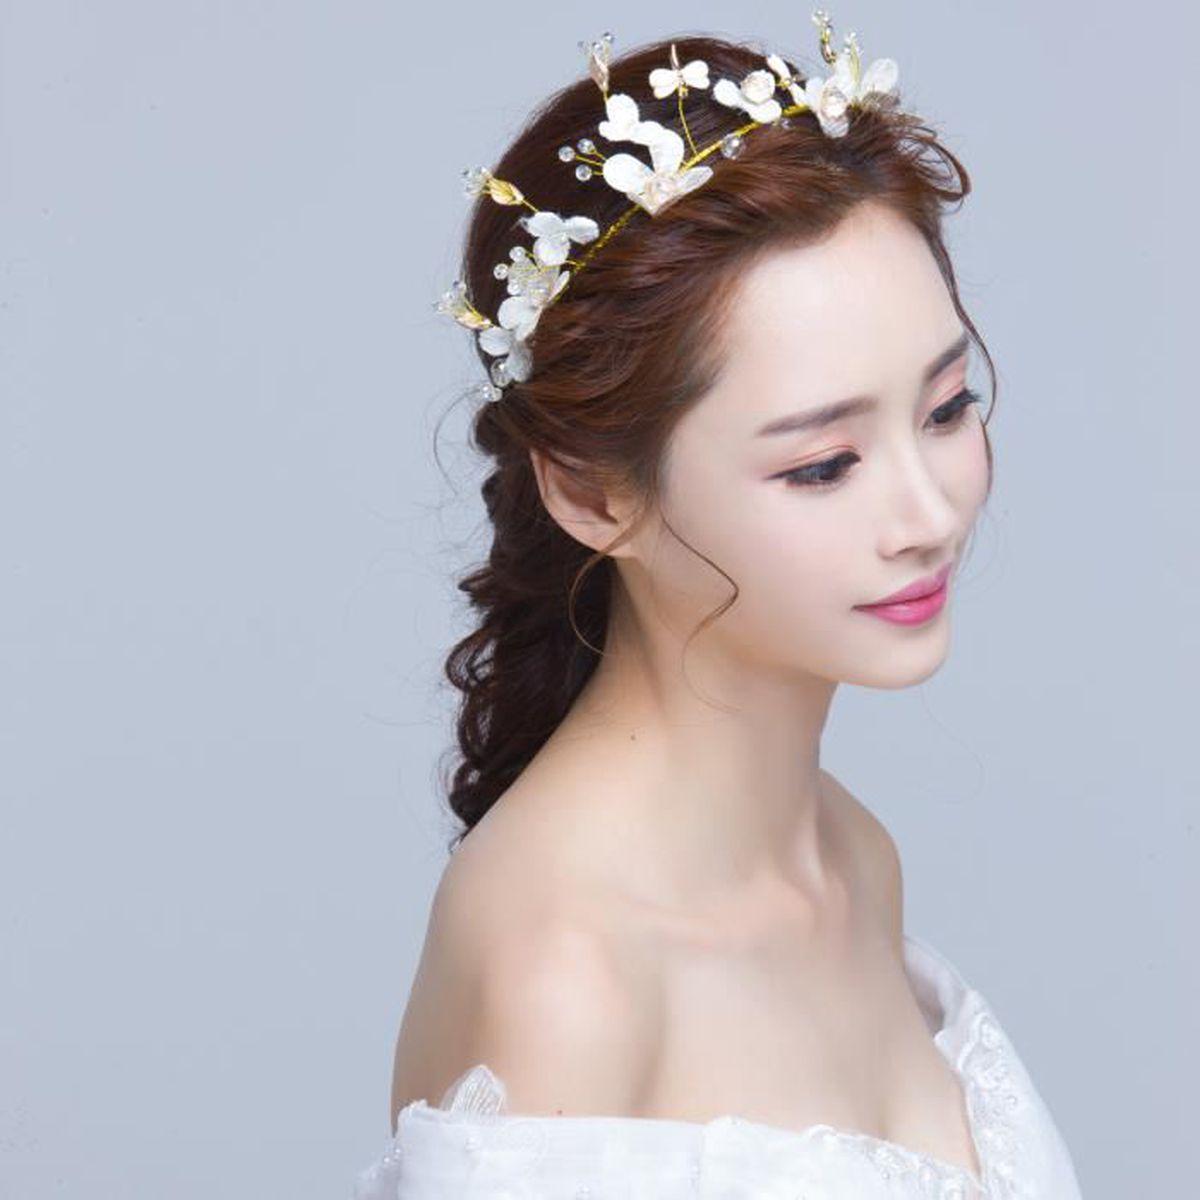 serre t te pour mariage costume chinoise robes de spectacle accessoires cheveux fleur. Black Bedroom Furniture Sets. Home Design Ideas